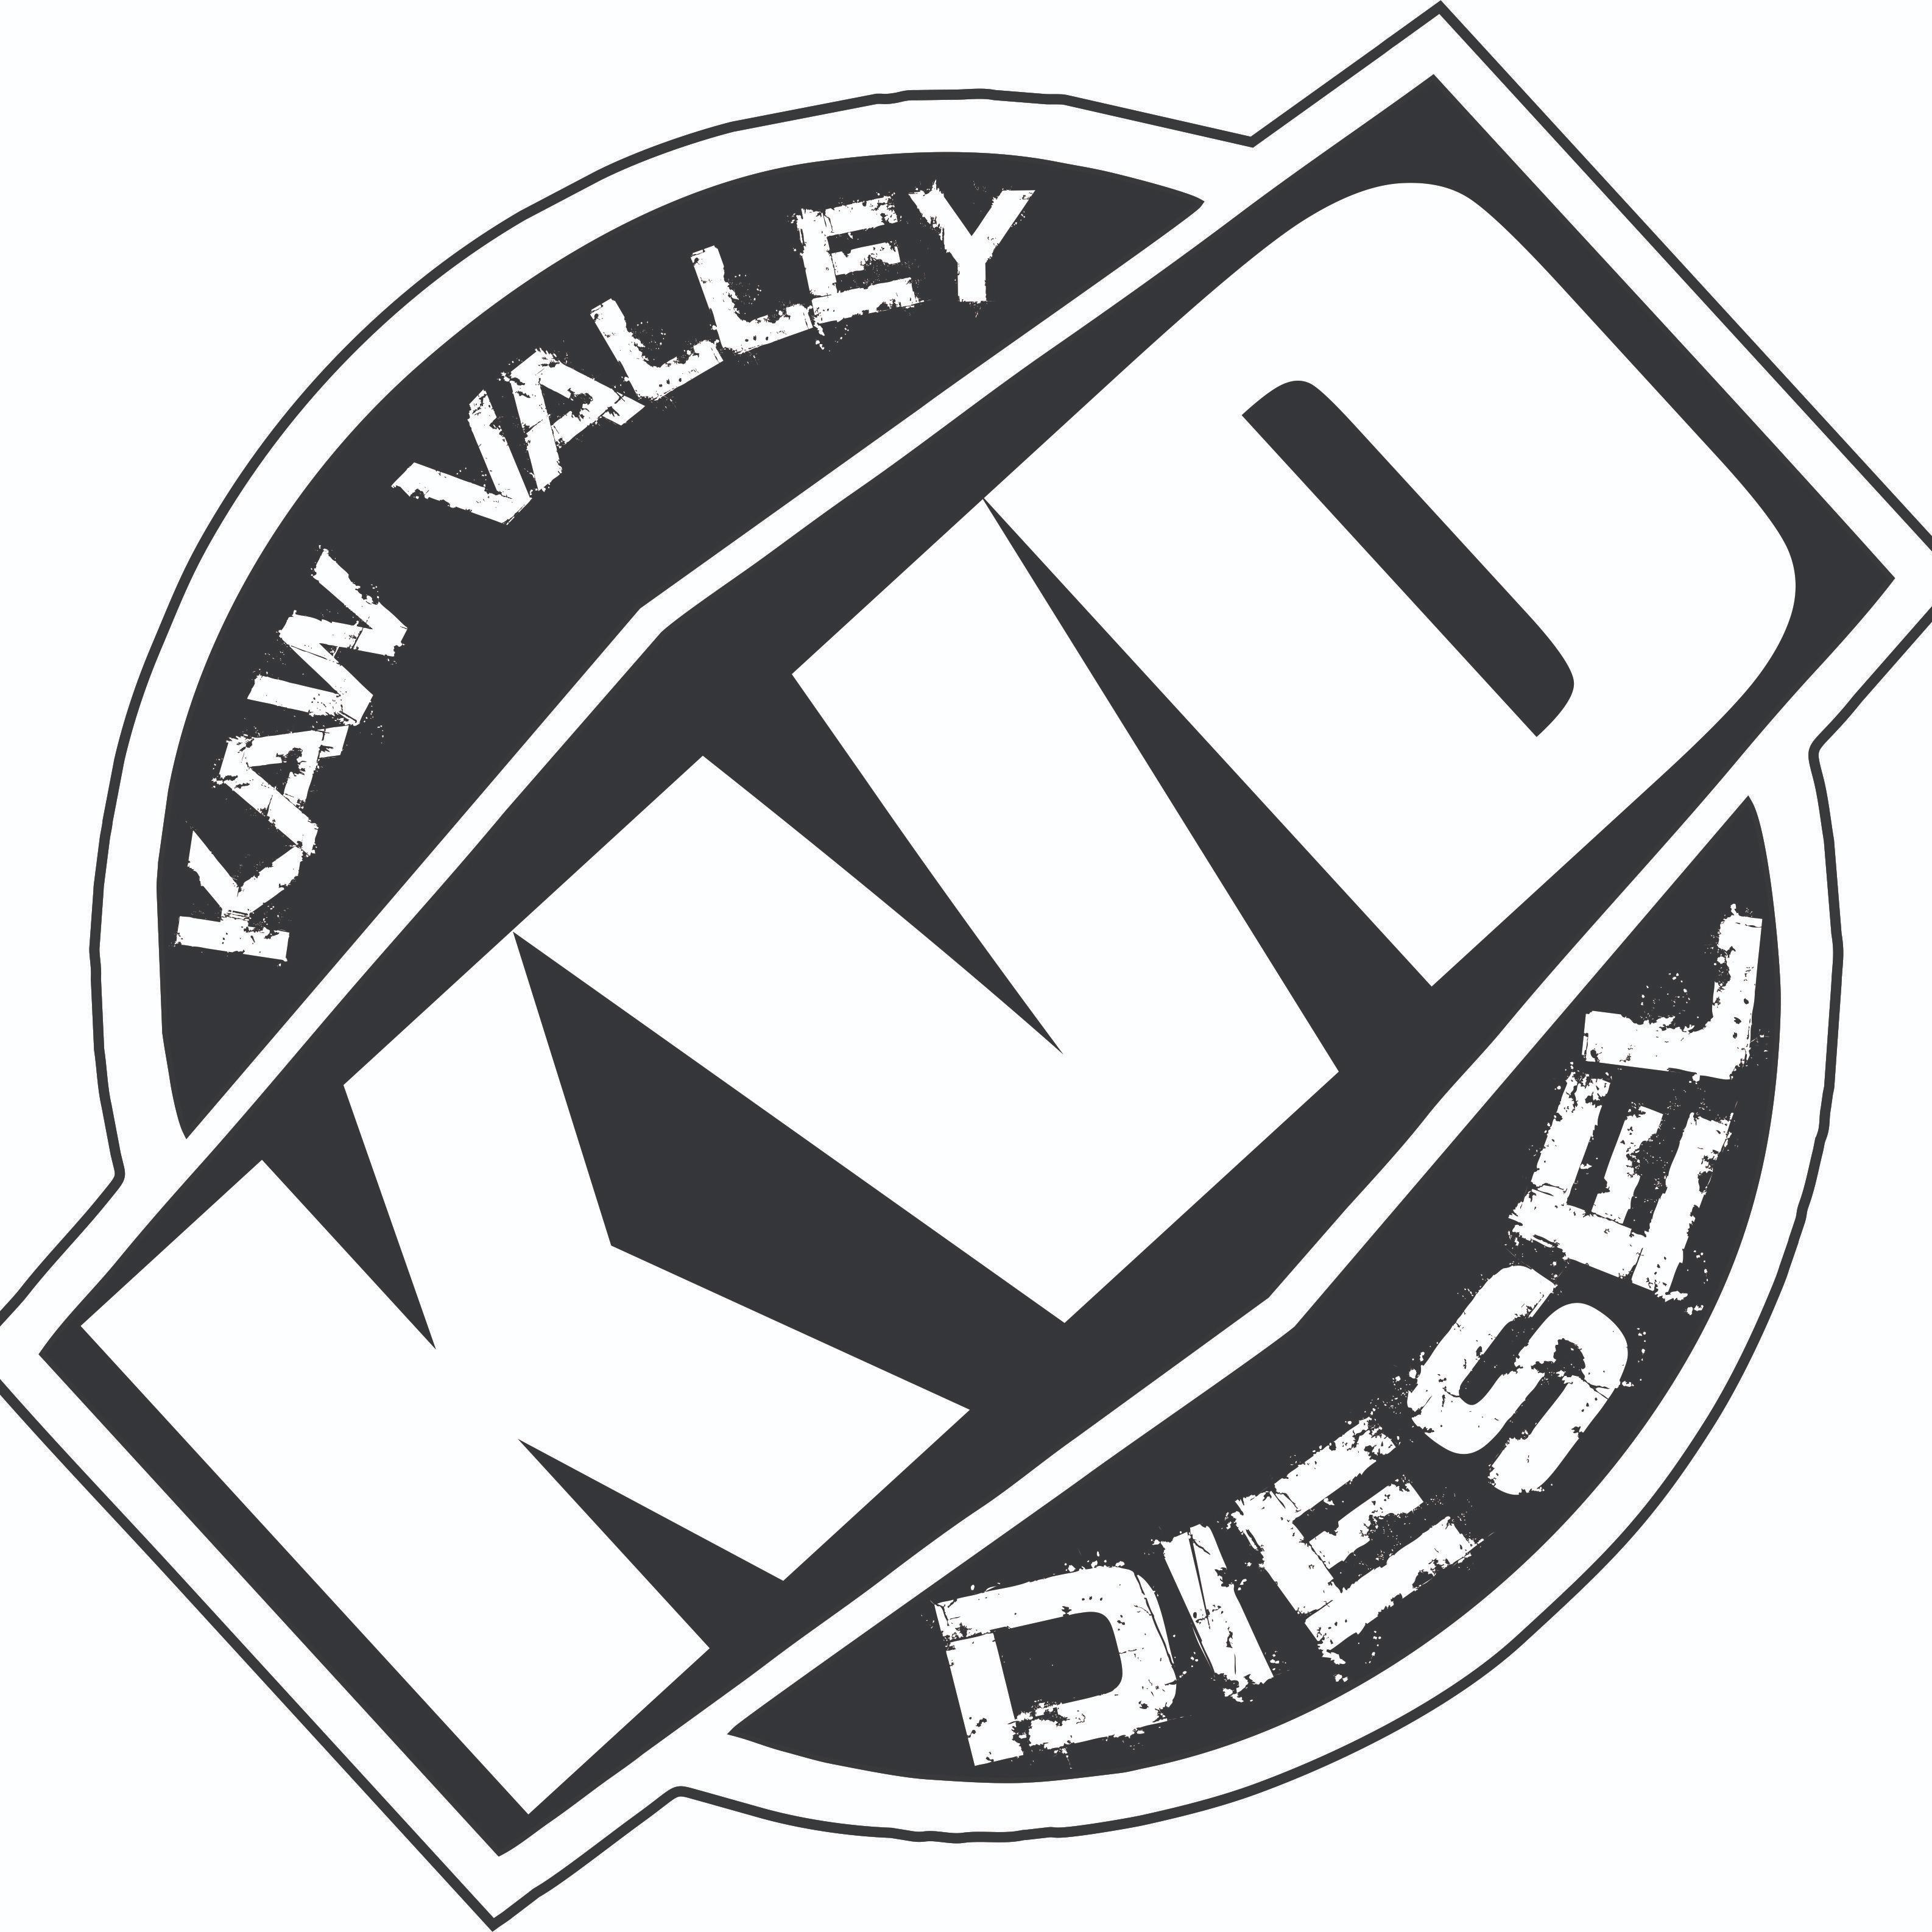 Kaw Valley Diesel